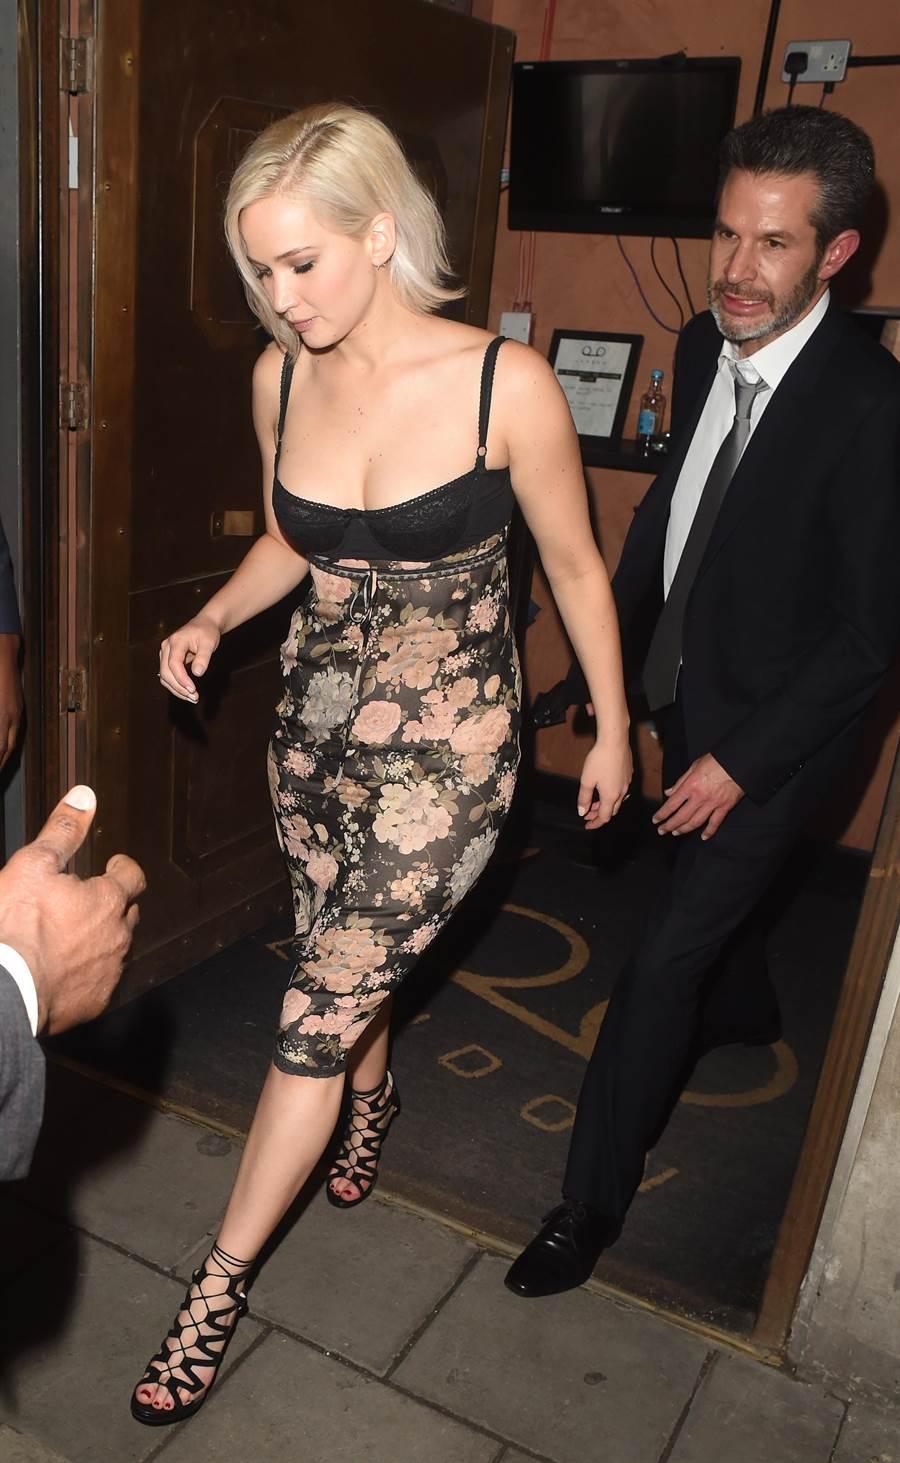 珍妮佛勞倫斯是JIMMY CHOO鐵粉,她倫敦穿低胸裝私人行程時,腳上就踩著DANI黑色綁帶高跟鞋。(CFP)